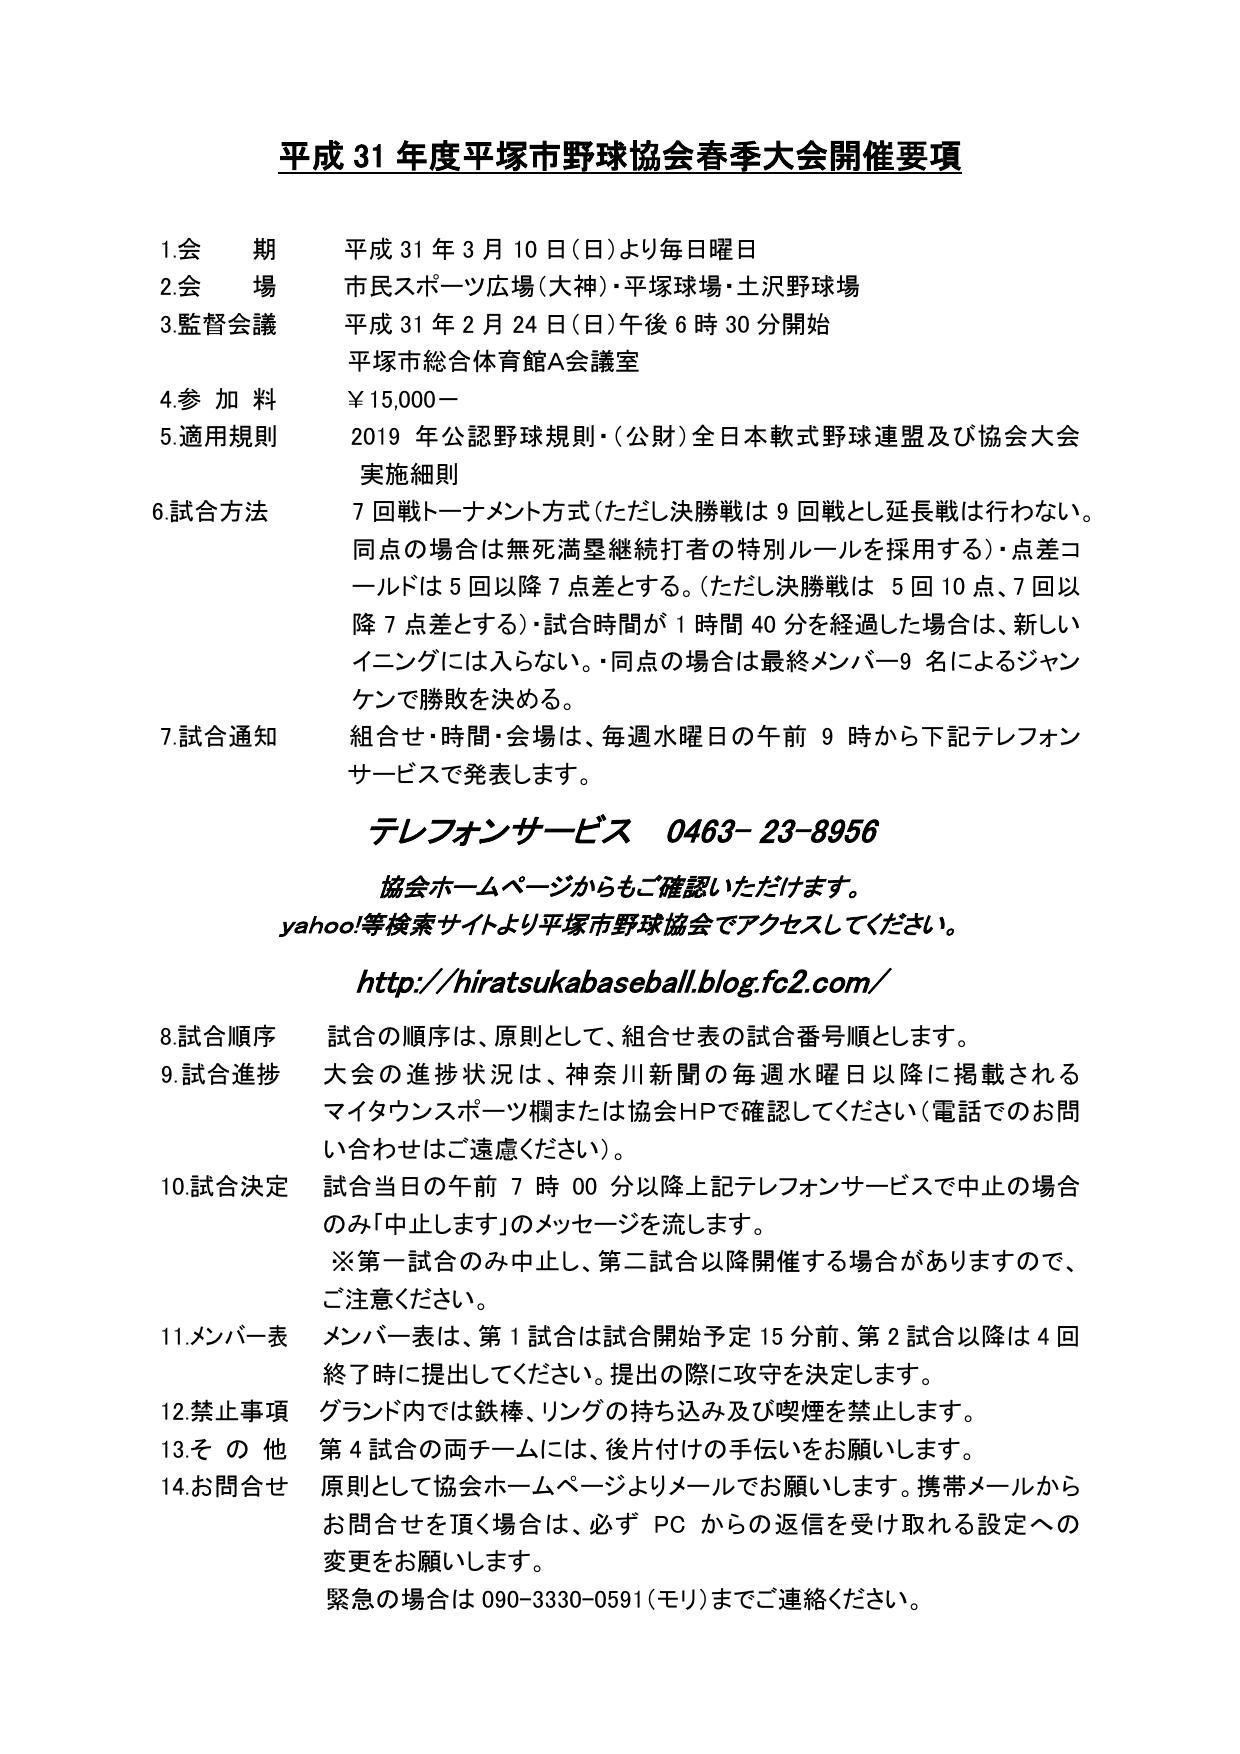 19spyoko_000001.jpg